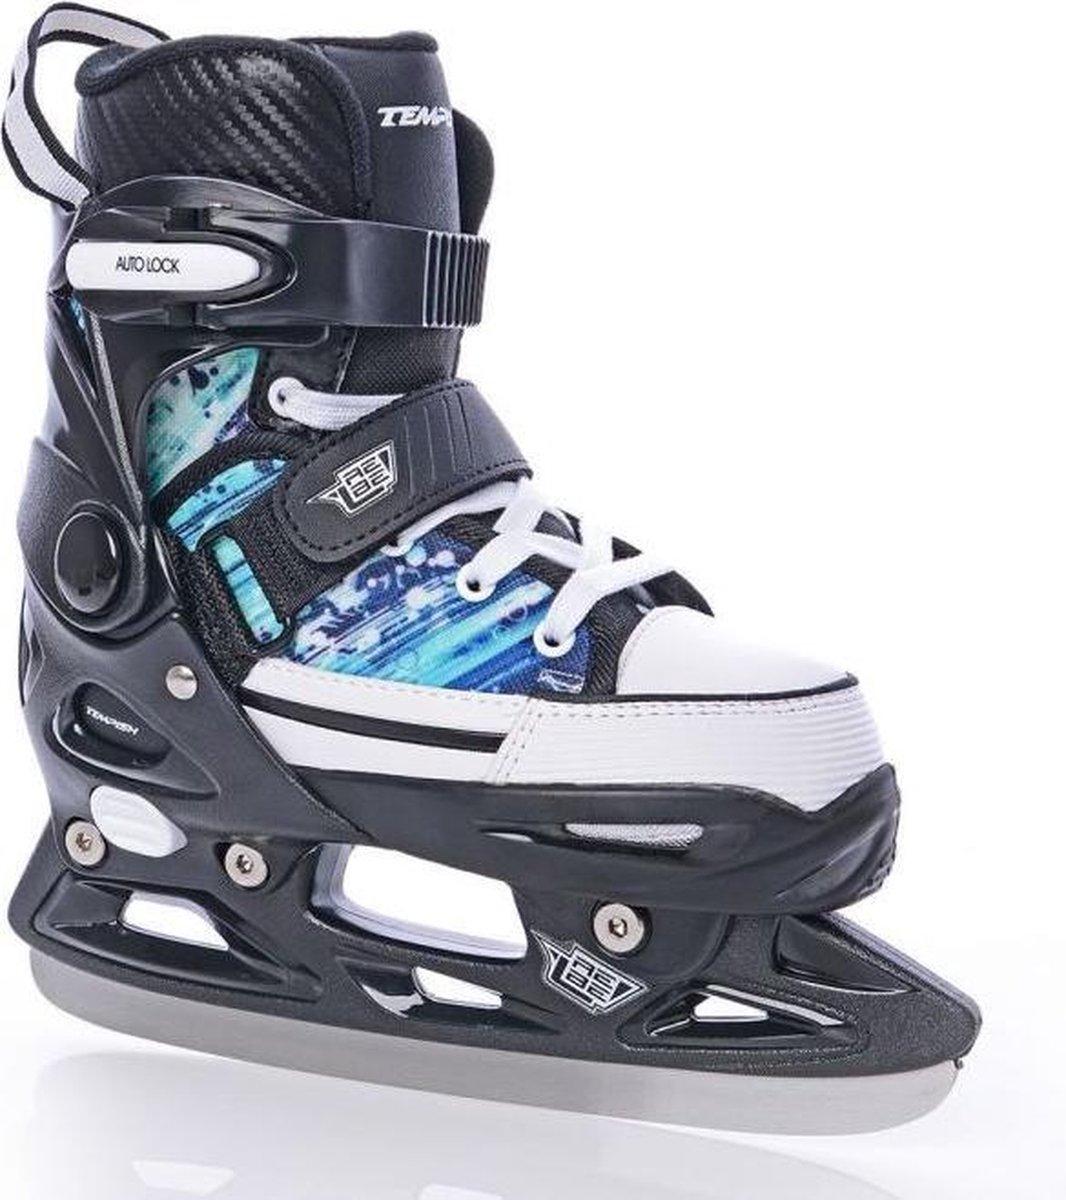 Tempish - Rebel ice one pro boy - Verstelbare schaatsen - Maat 29-32